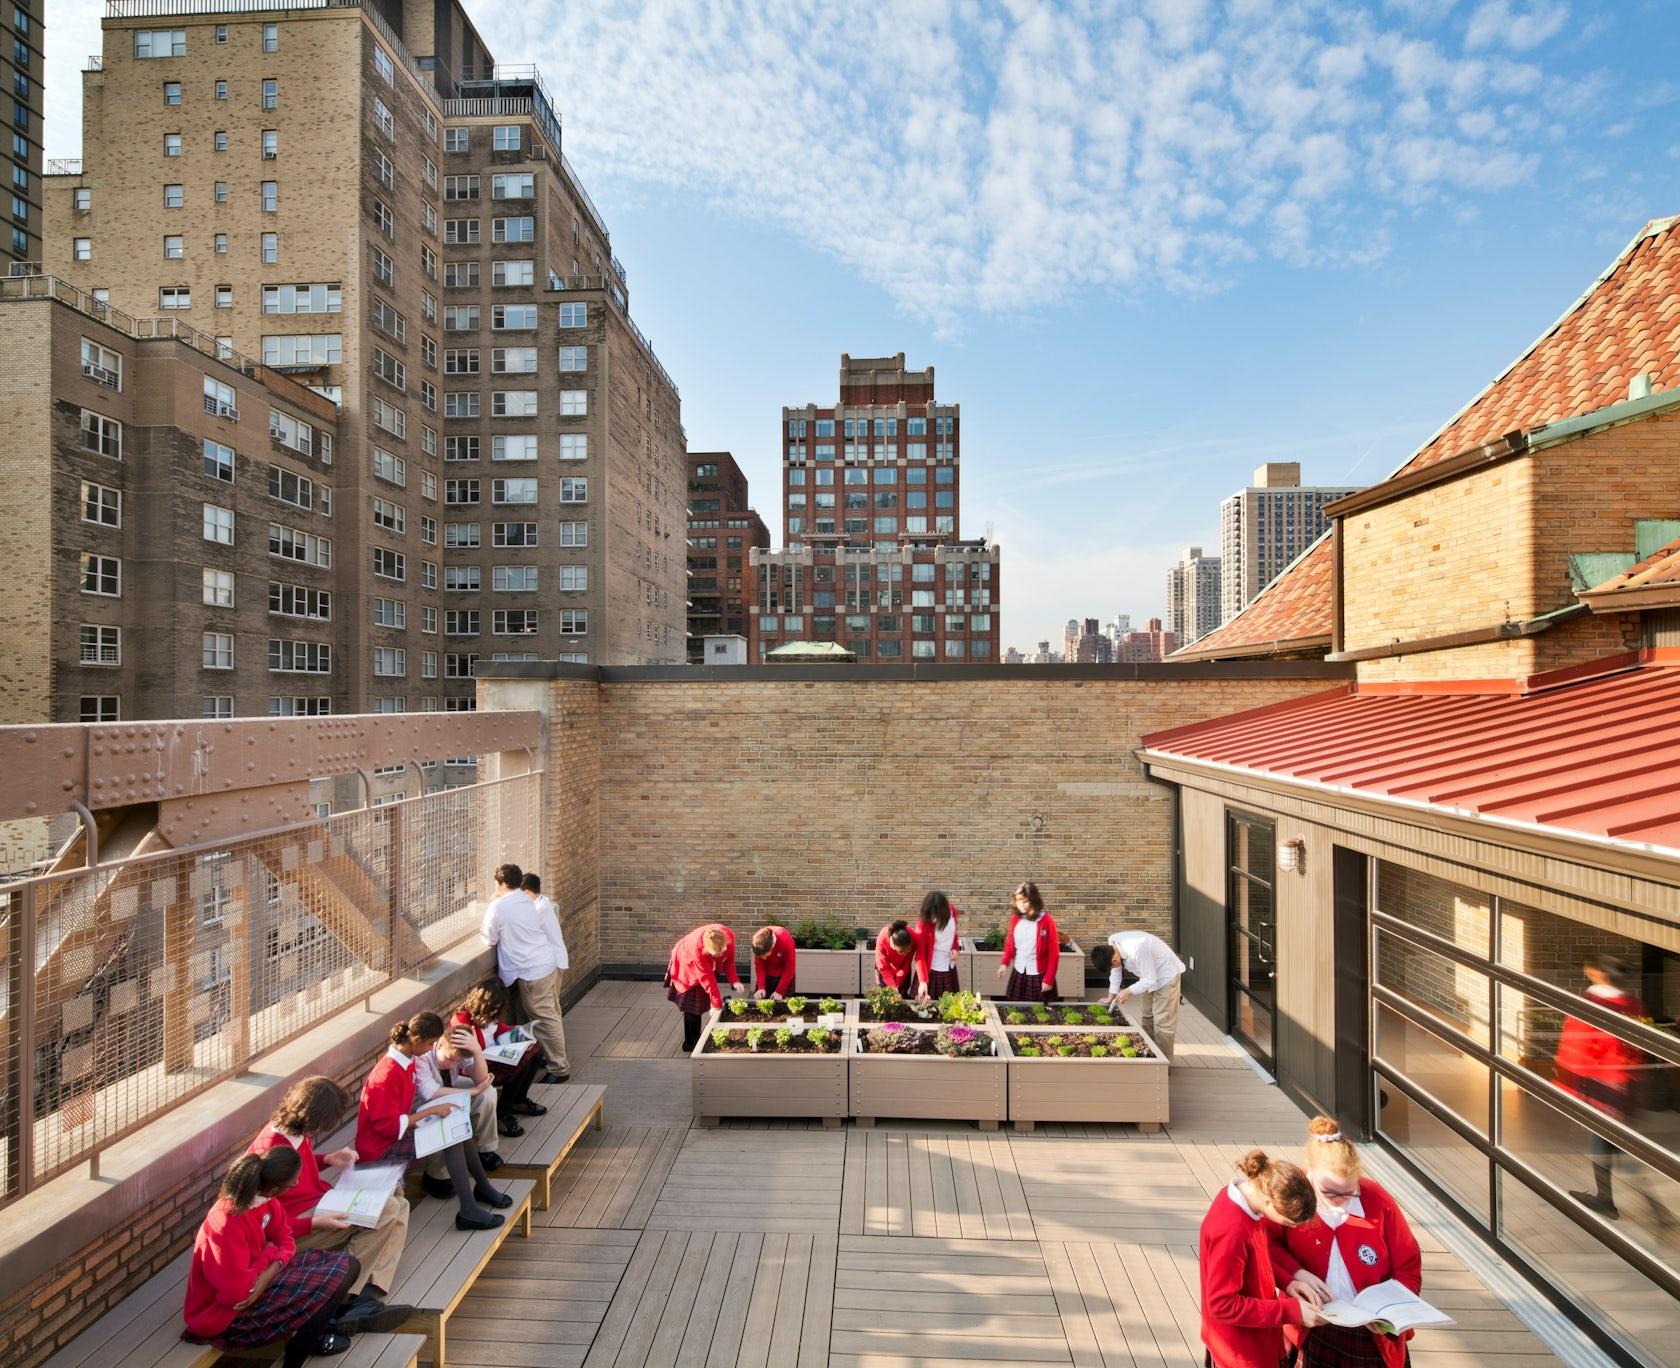 Urban Playground Landscape